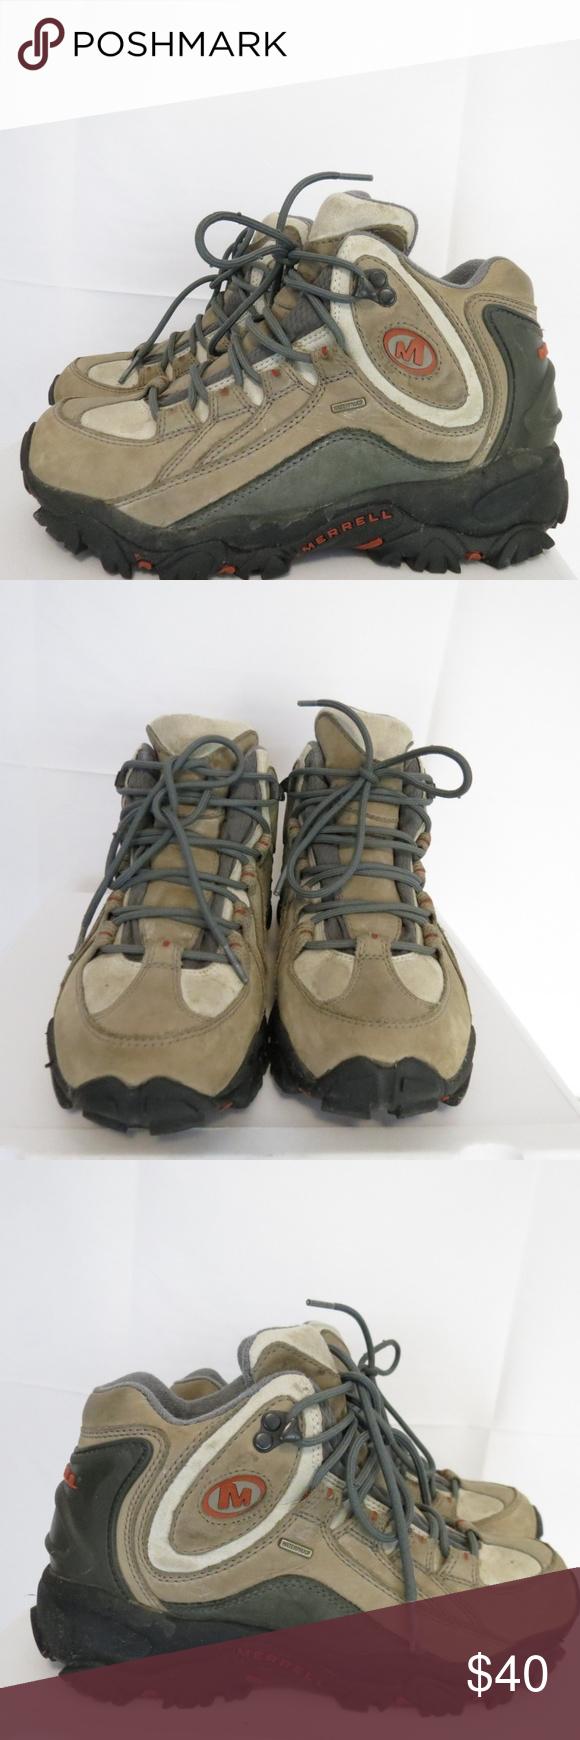 7.5 merrell boots women